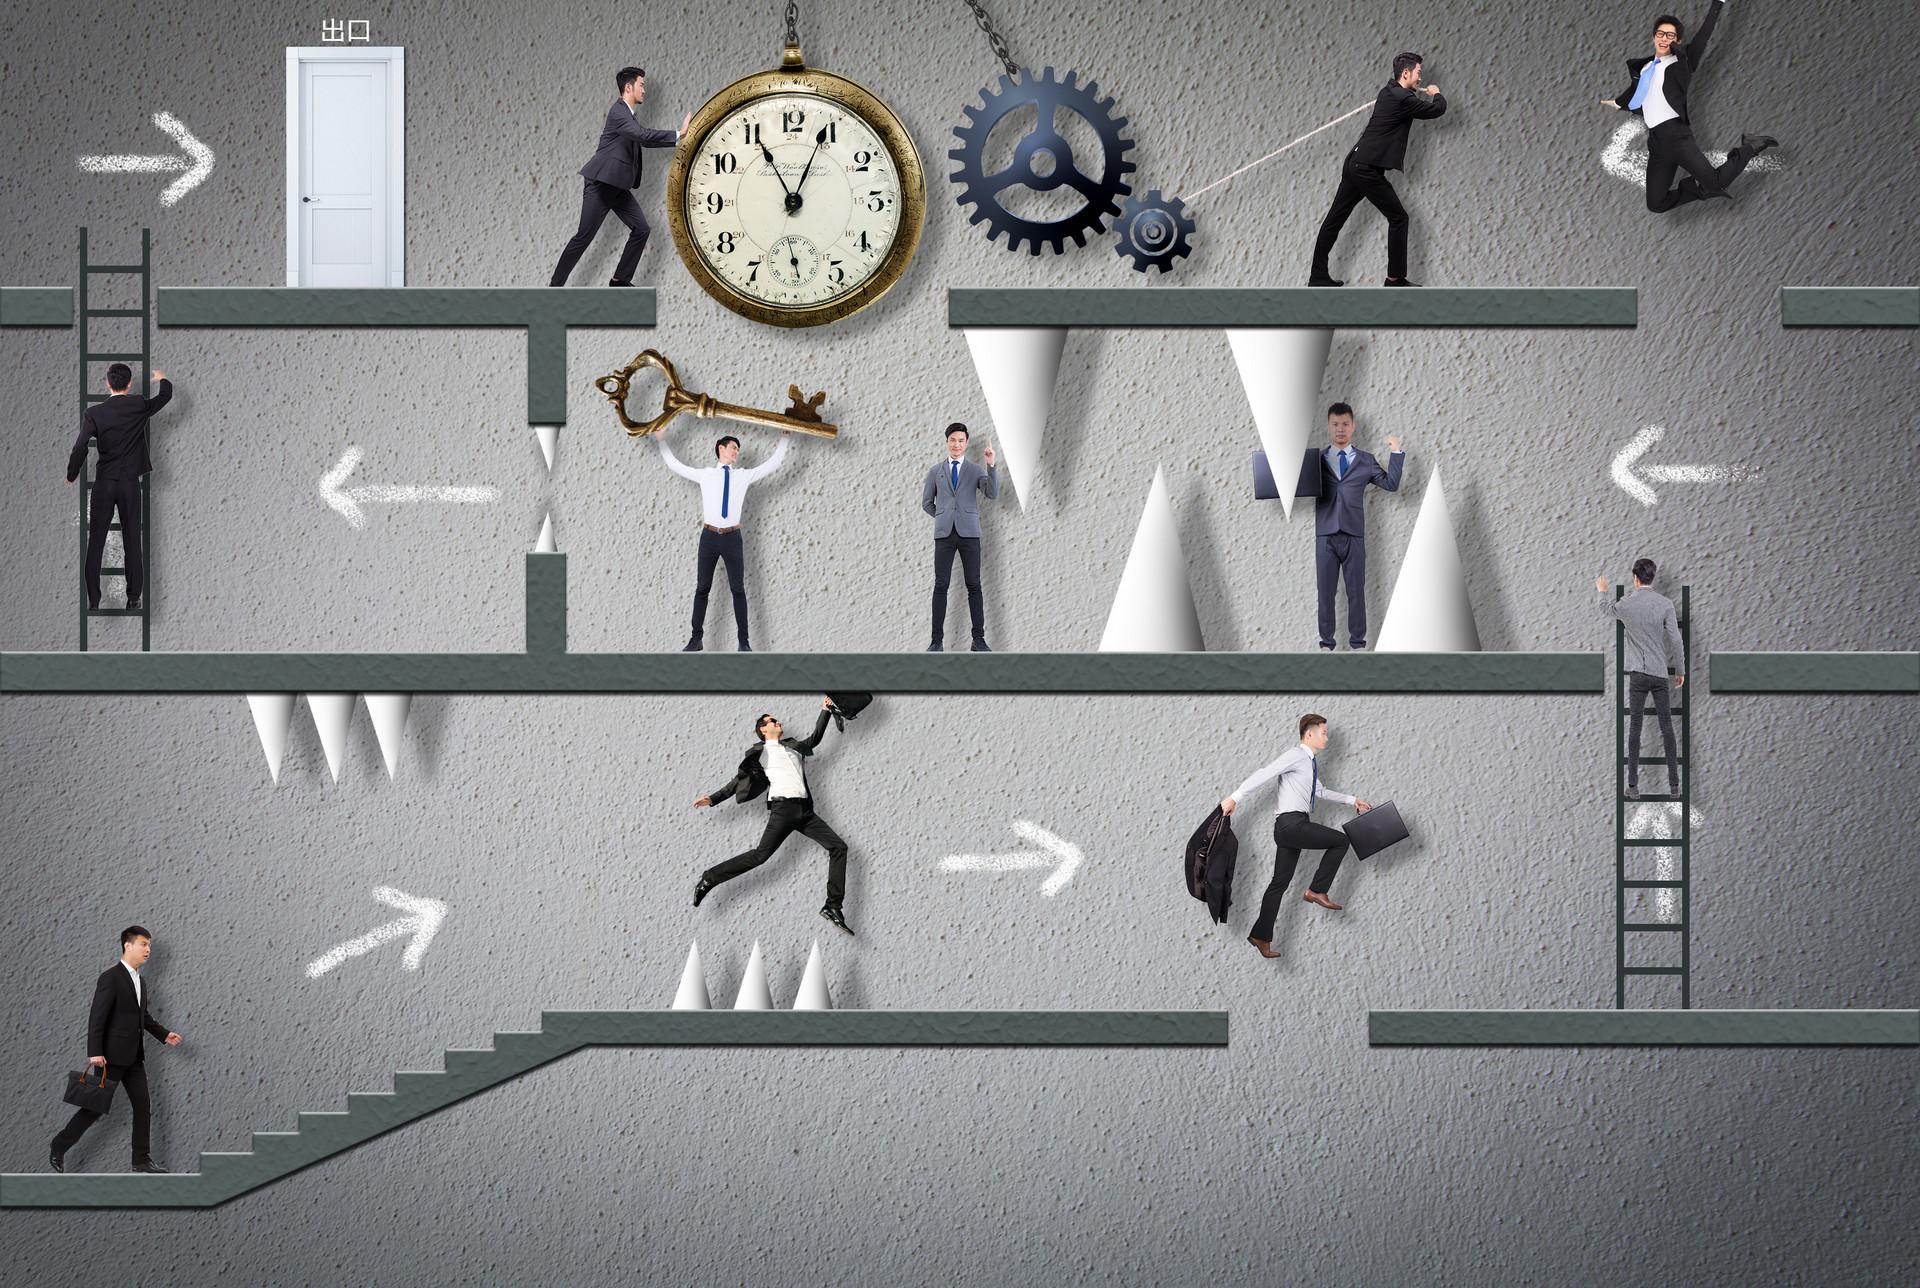 工资条的做法要与时俱进,这样能有效提高效率